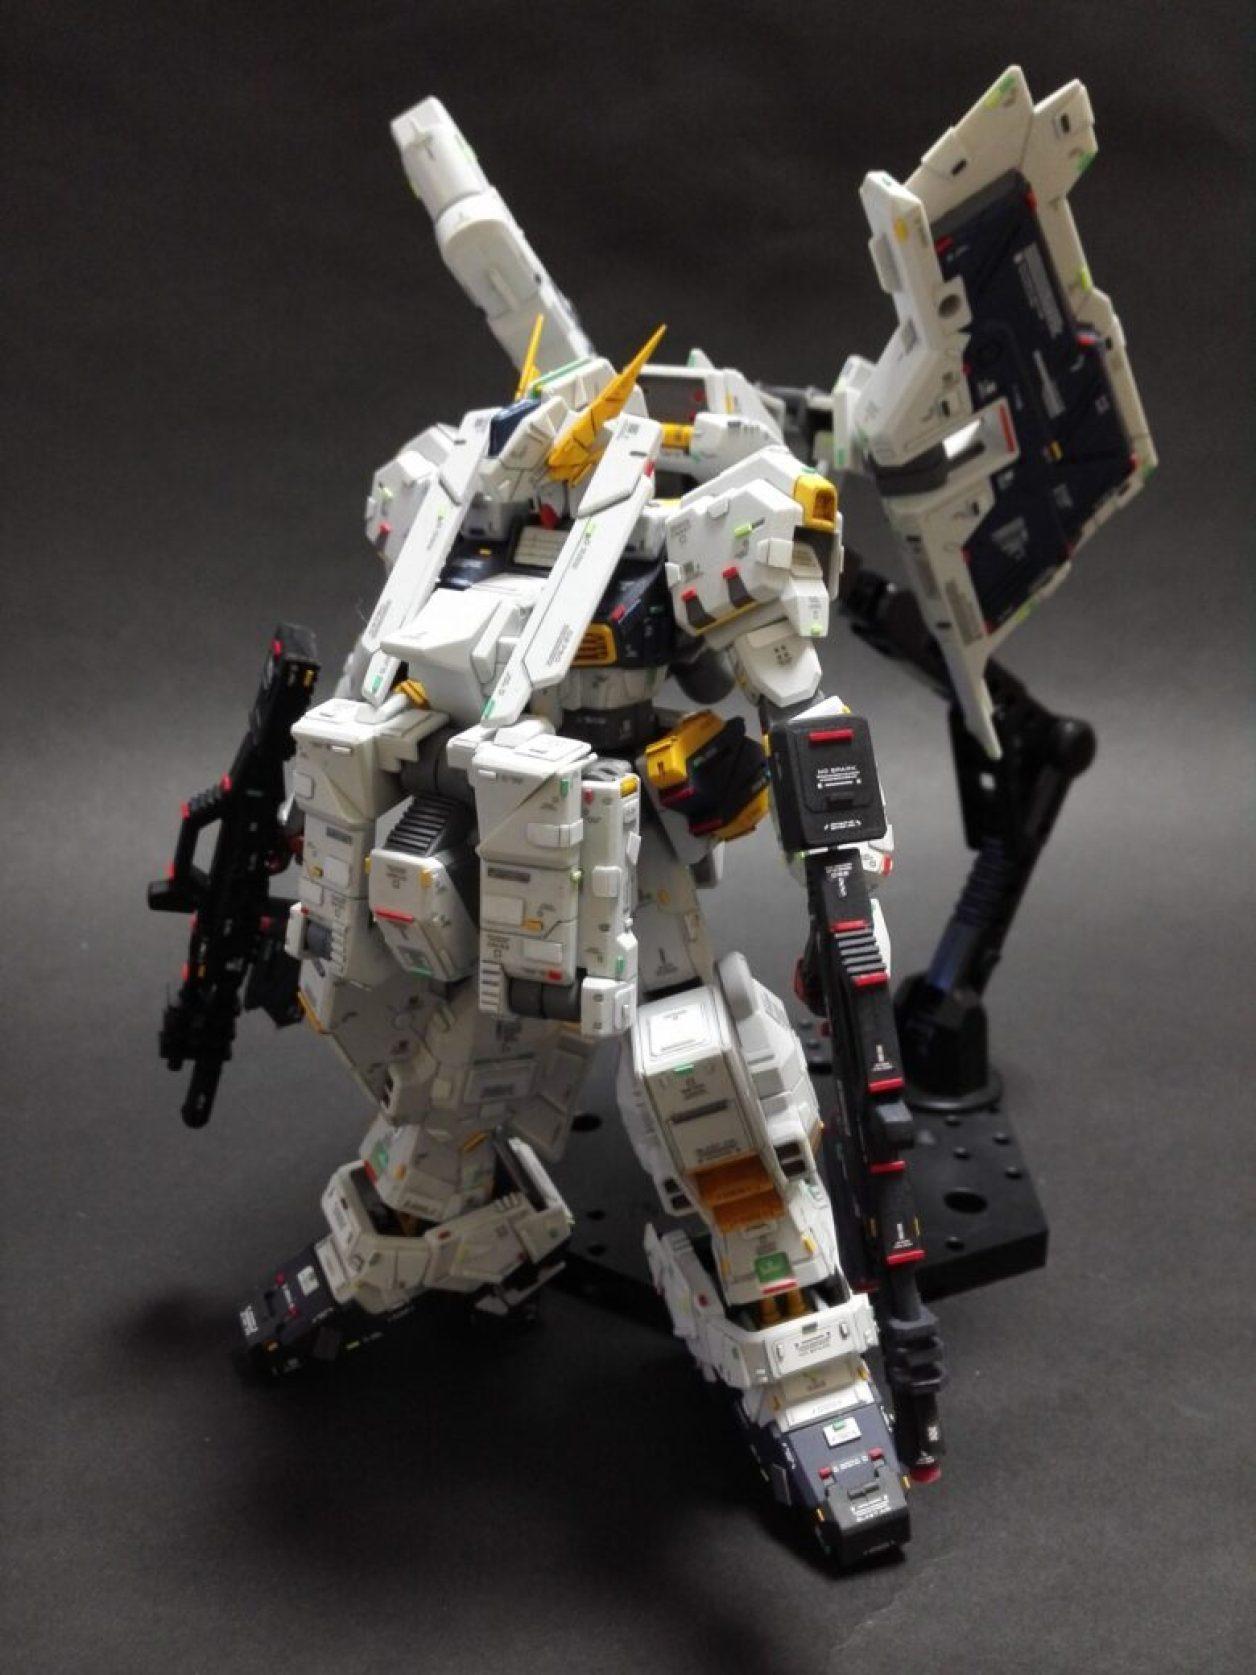 ディテールアップしたHGUC ガンダムTR-1[ヘイズル改]とFG Gパーツ[フルドド]とガンダムTR-1[アドバンスド・ヘイズル]のオプション・パーツを組み合わせたガンダムTR-1[ヘイズル・ラー](フルアーマー装備)にビーム・ライフル×2を装備させた武装の作例の画像